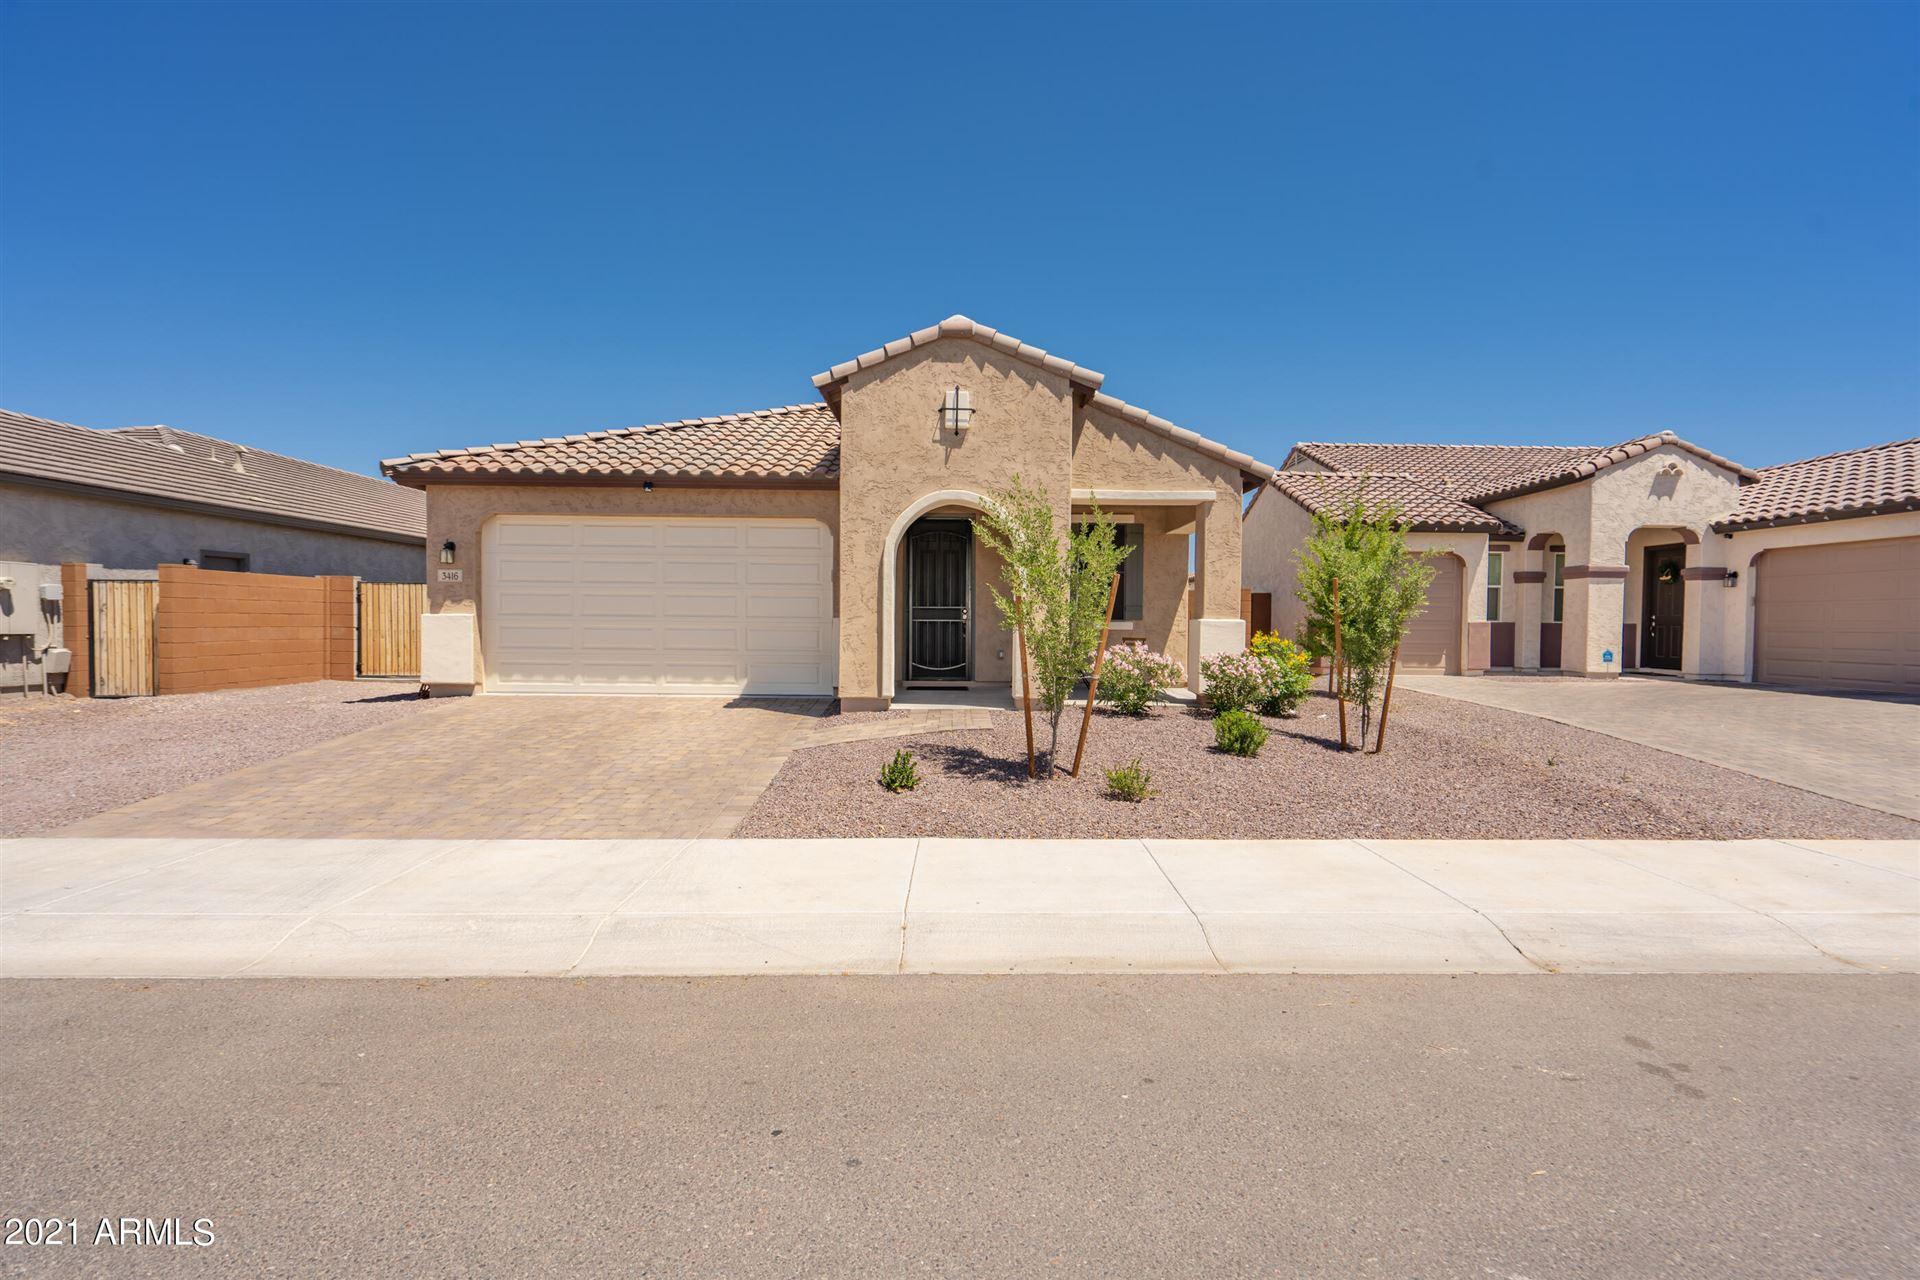 3416 W MELODY Drive, Laveen, AZ 85339 - MLS#: 6242136